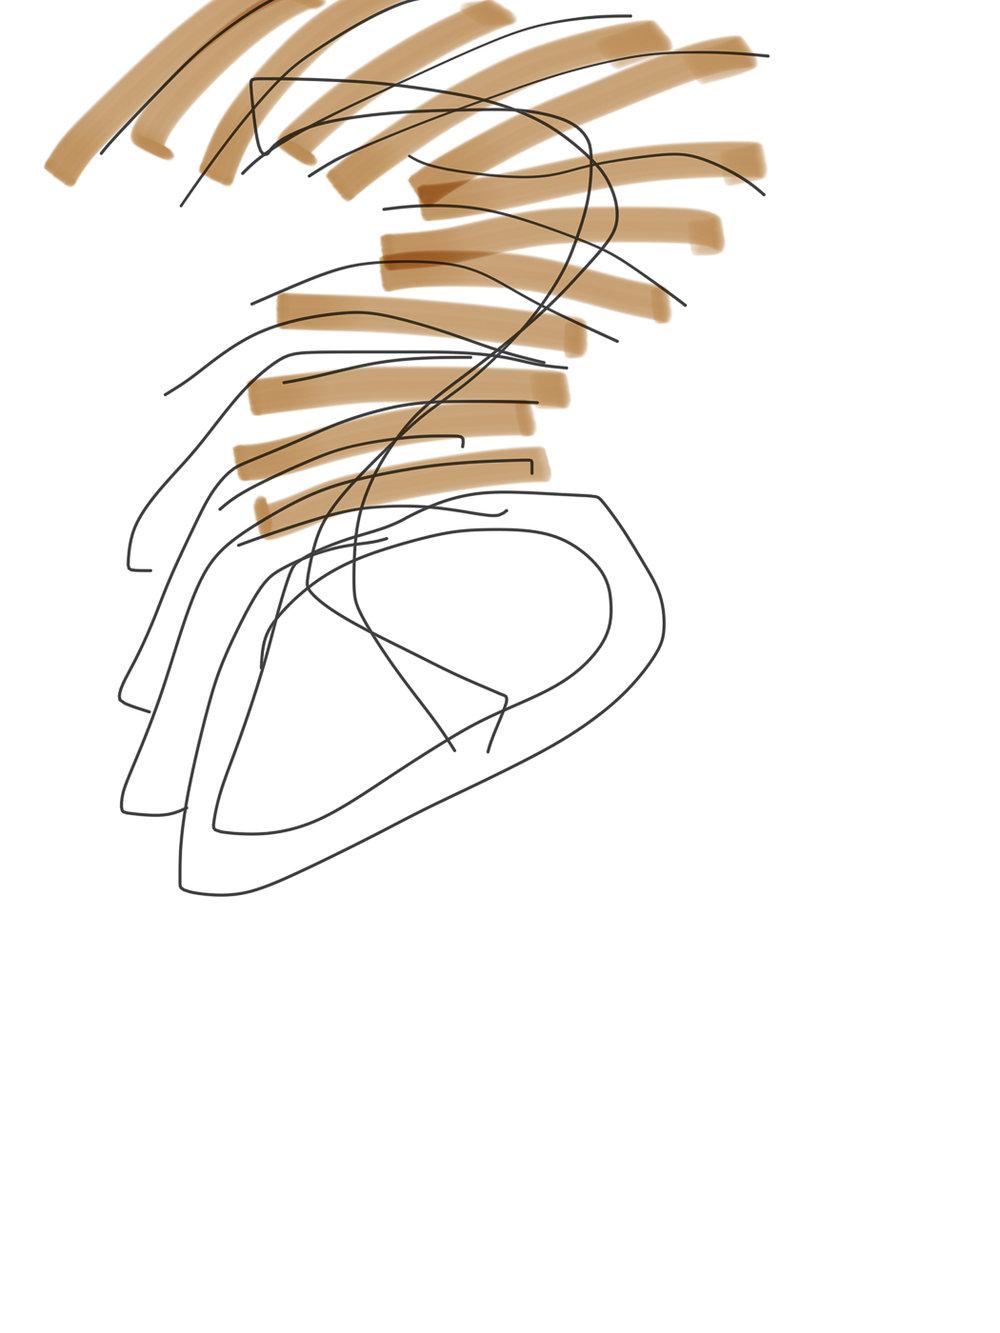 Sketch-137.jpg